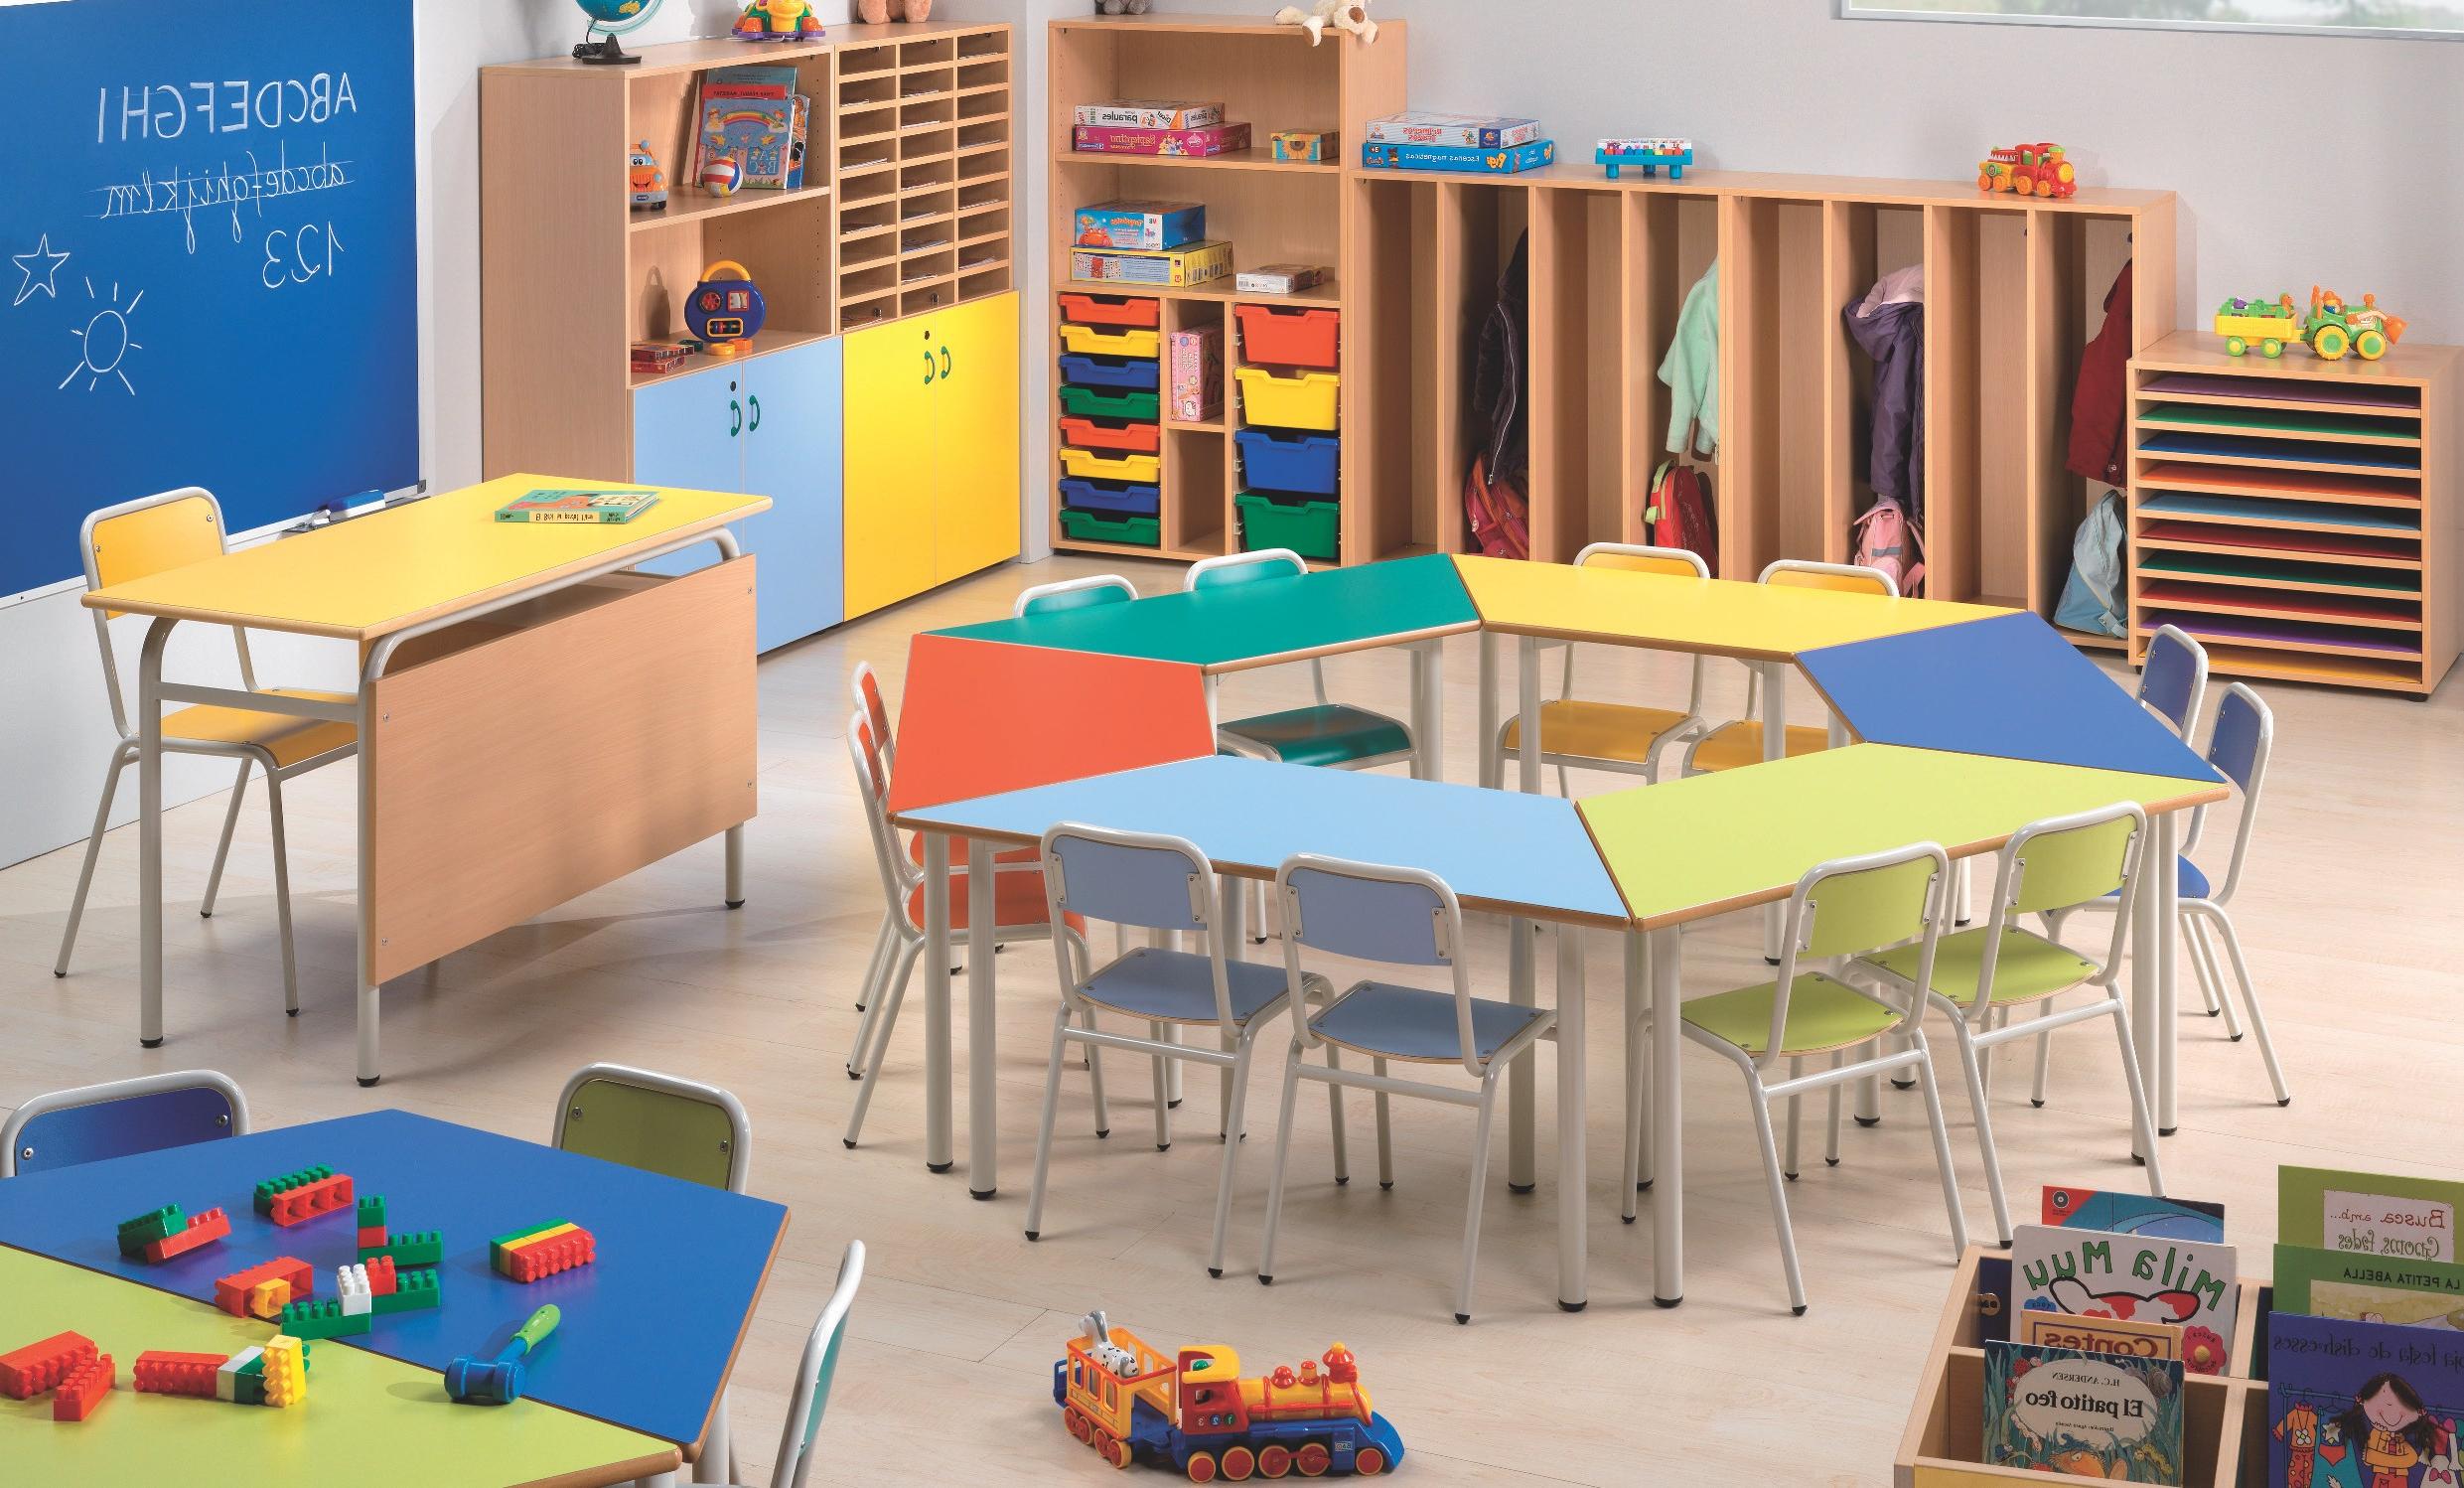 Mobiliario Escolar Infantil Q0d4 Mesa Trapezoidal Escuela Infantil Mobiliario Escuela Infantil